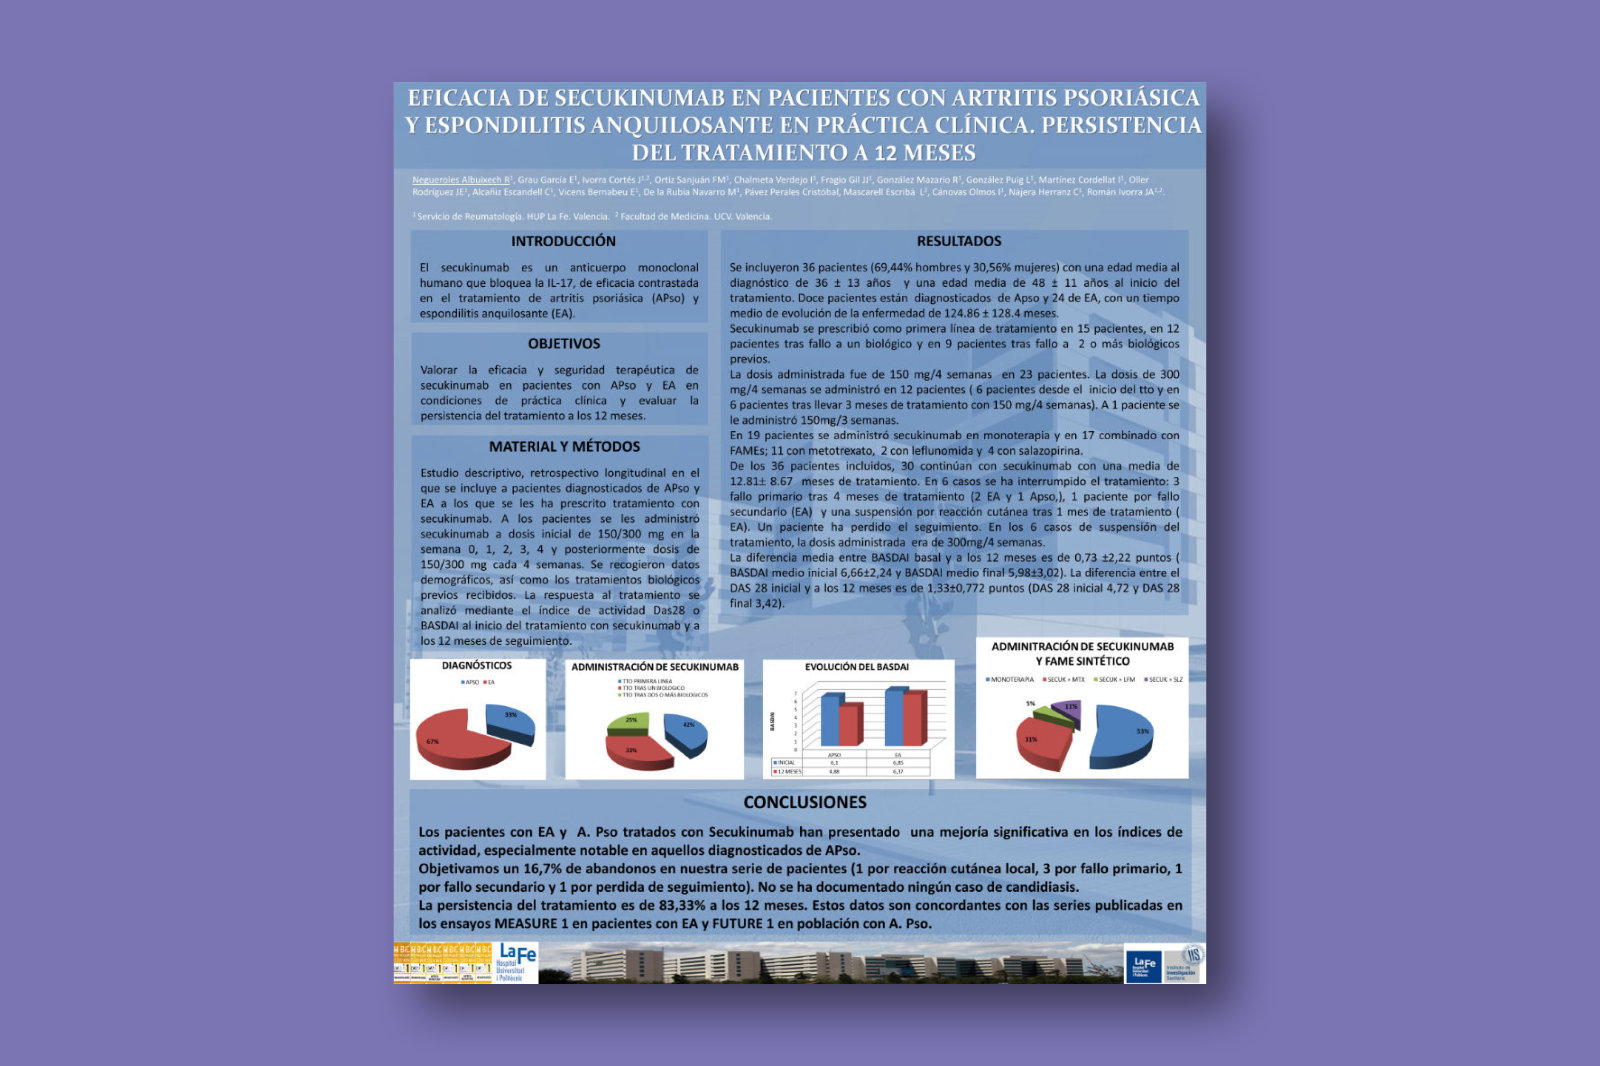 Eficacia de secukinumab en pacientes con artritis psoriásica y espondilitis anquilosante en práctica clínica. Persistencia del tratamiento a 12 meses